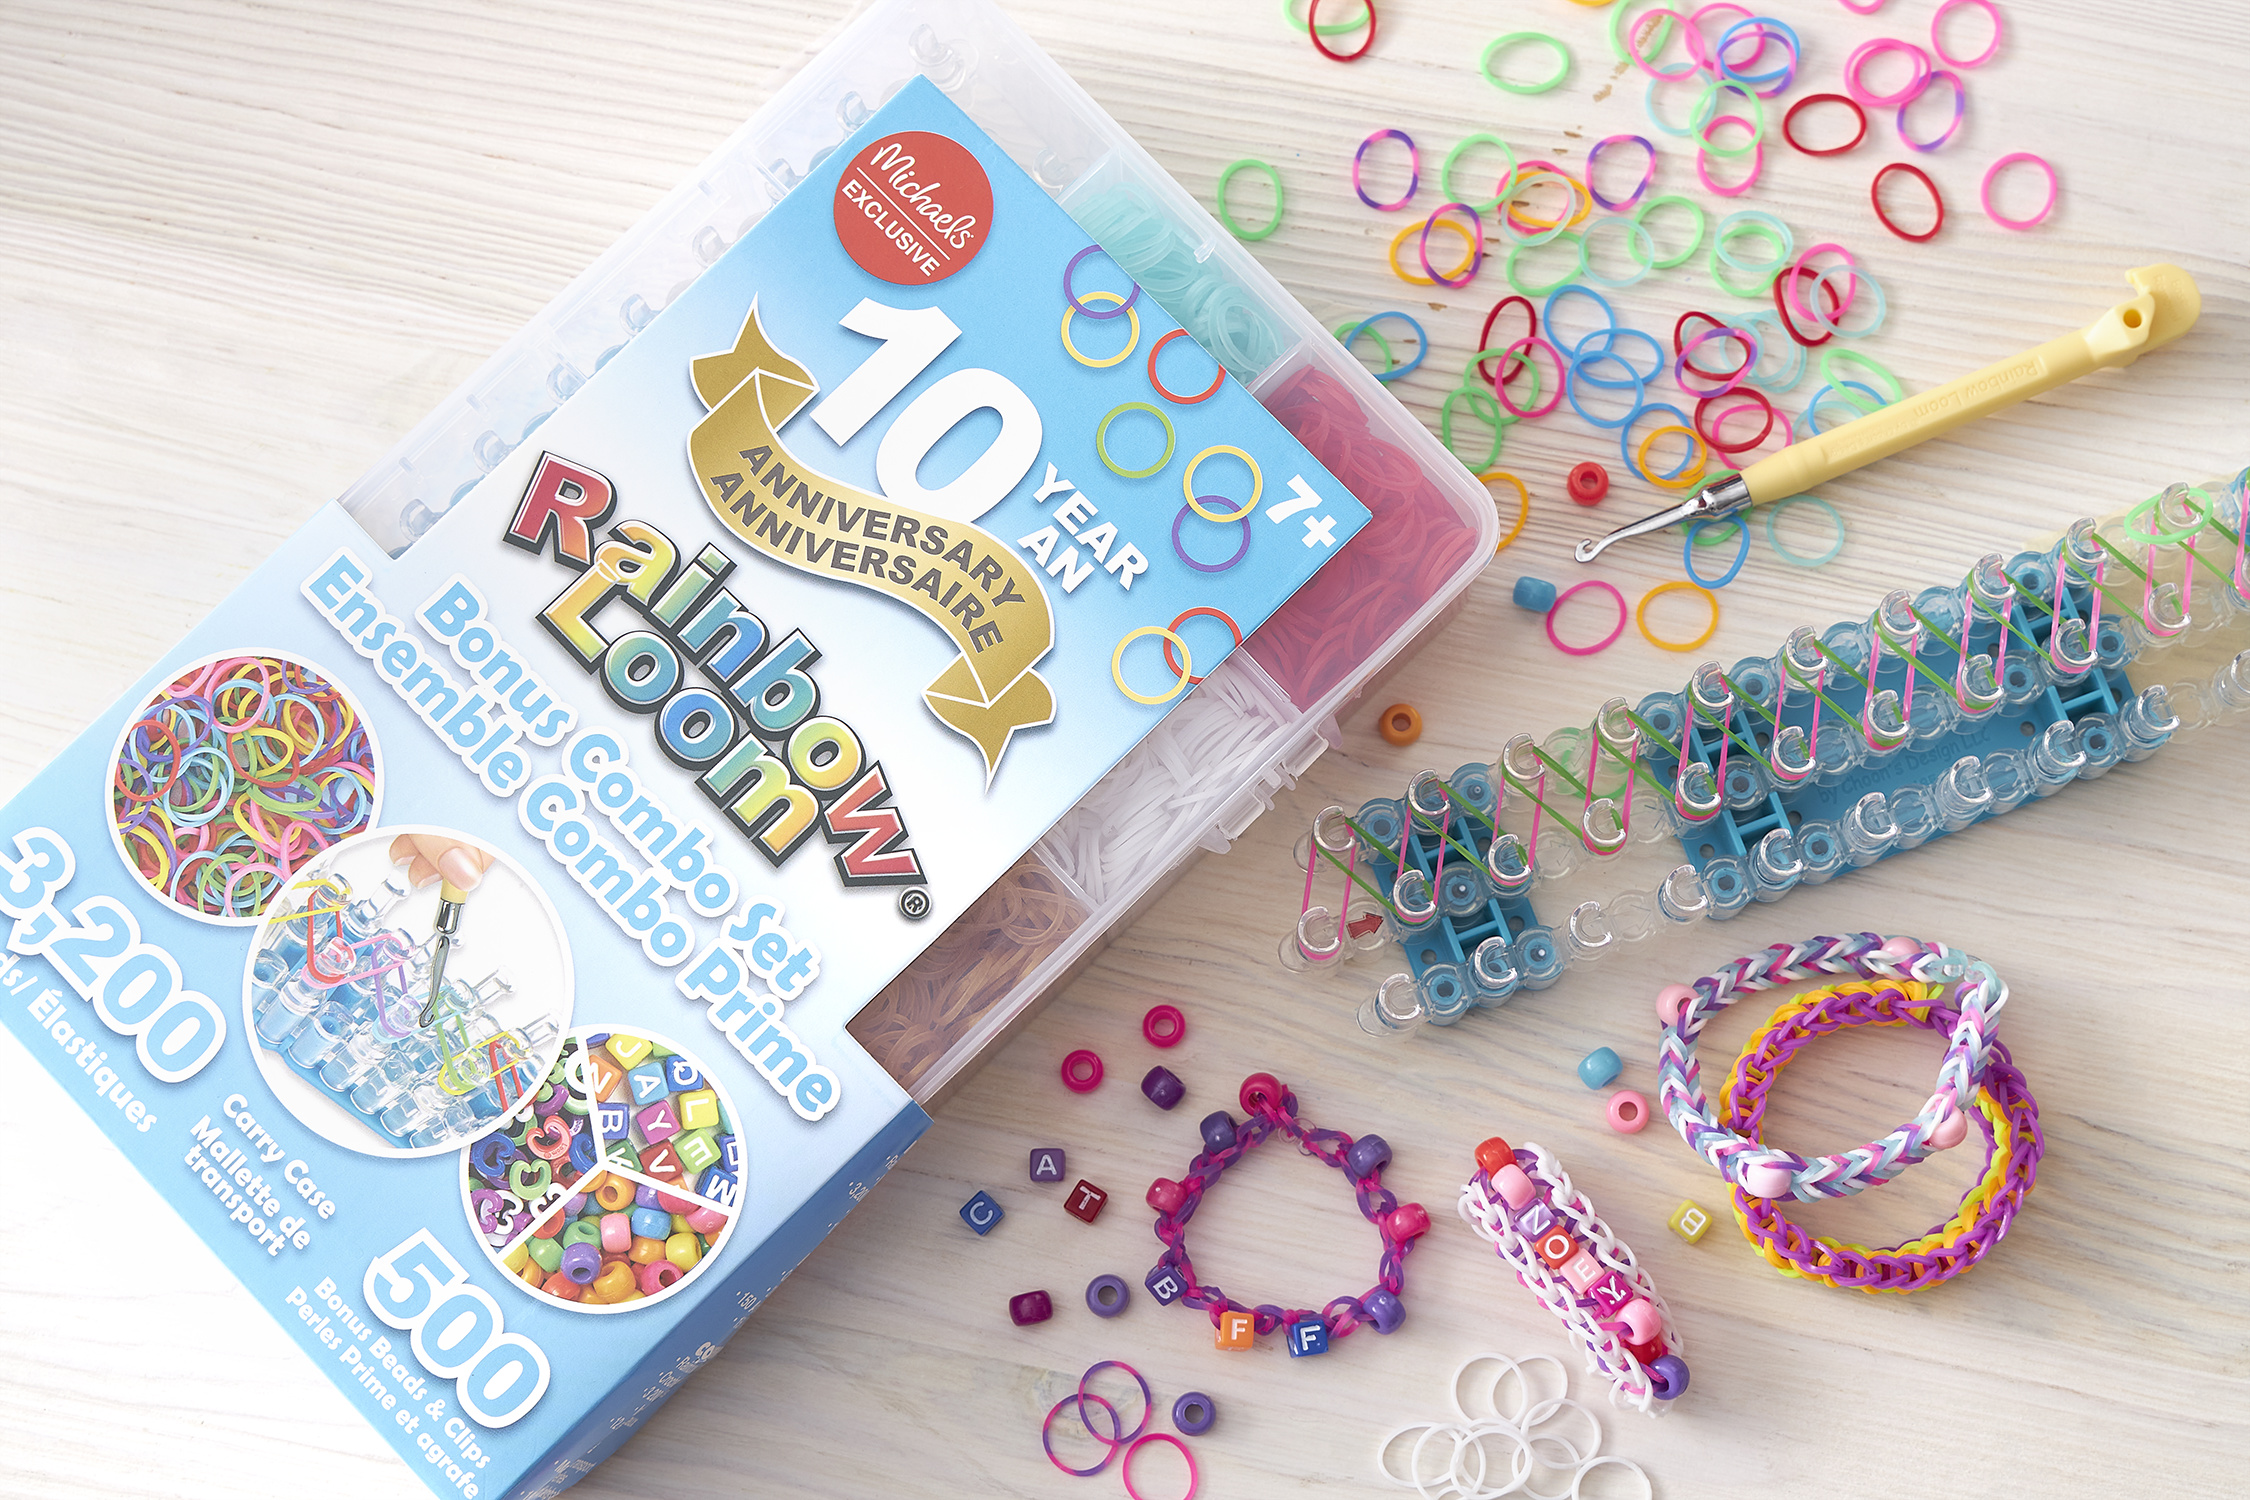 Rainbow Loom Anniversary Combo Kit Image